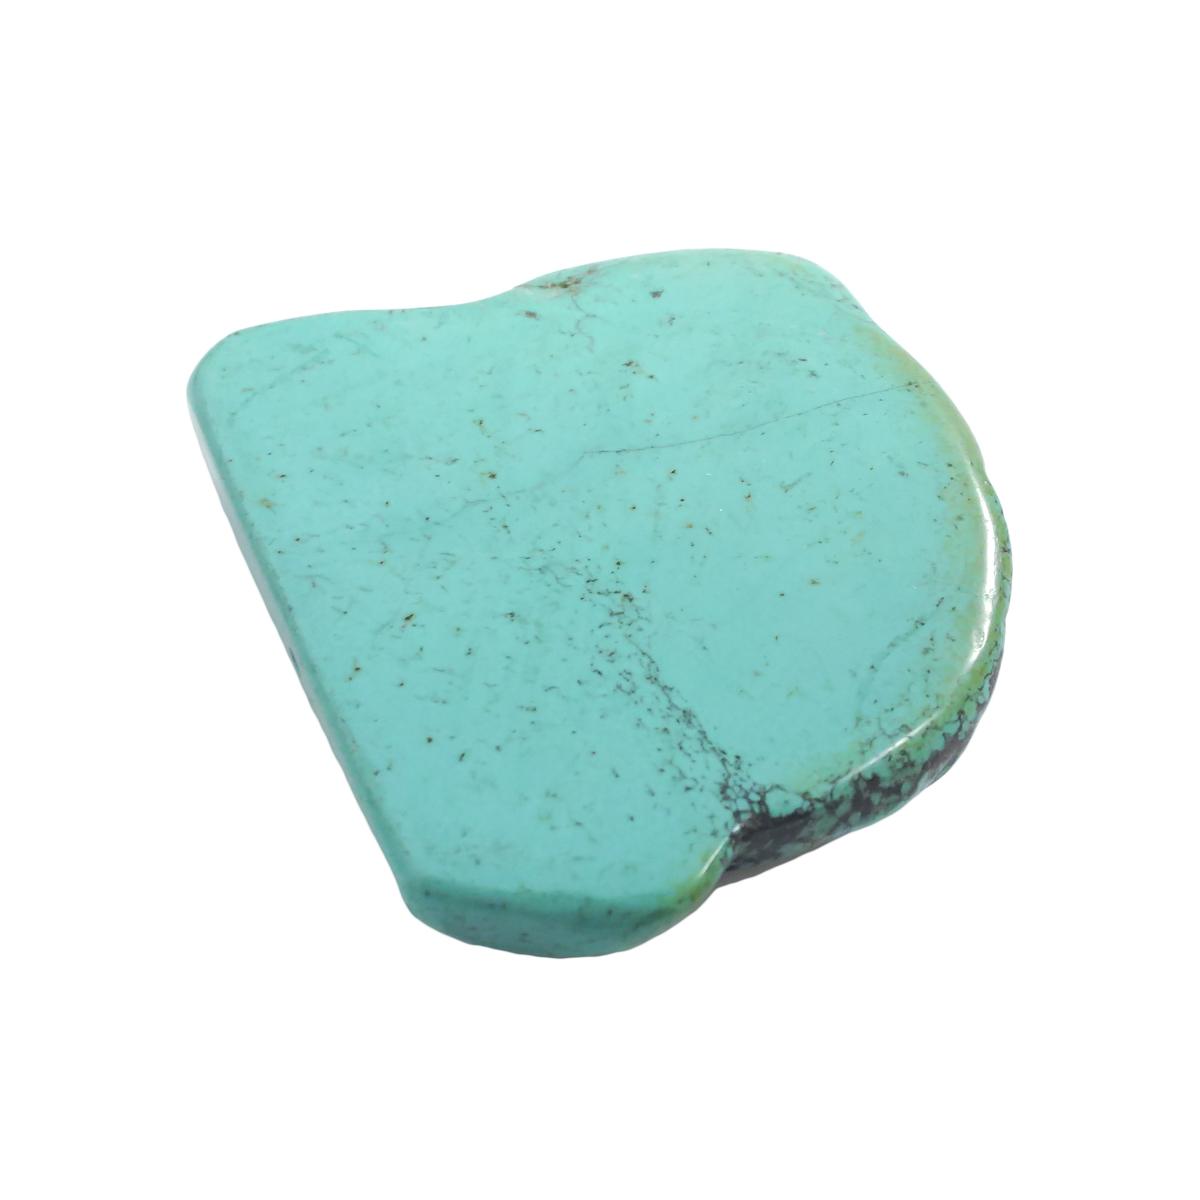 天然石パーツ ターコイズ トルコ石 スライスパーツ 両サイド片穴あり 約60x67.7x16.3mm